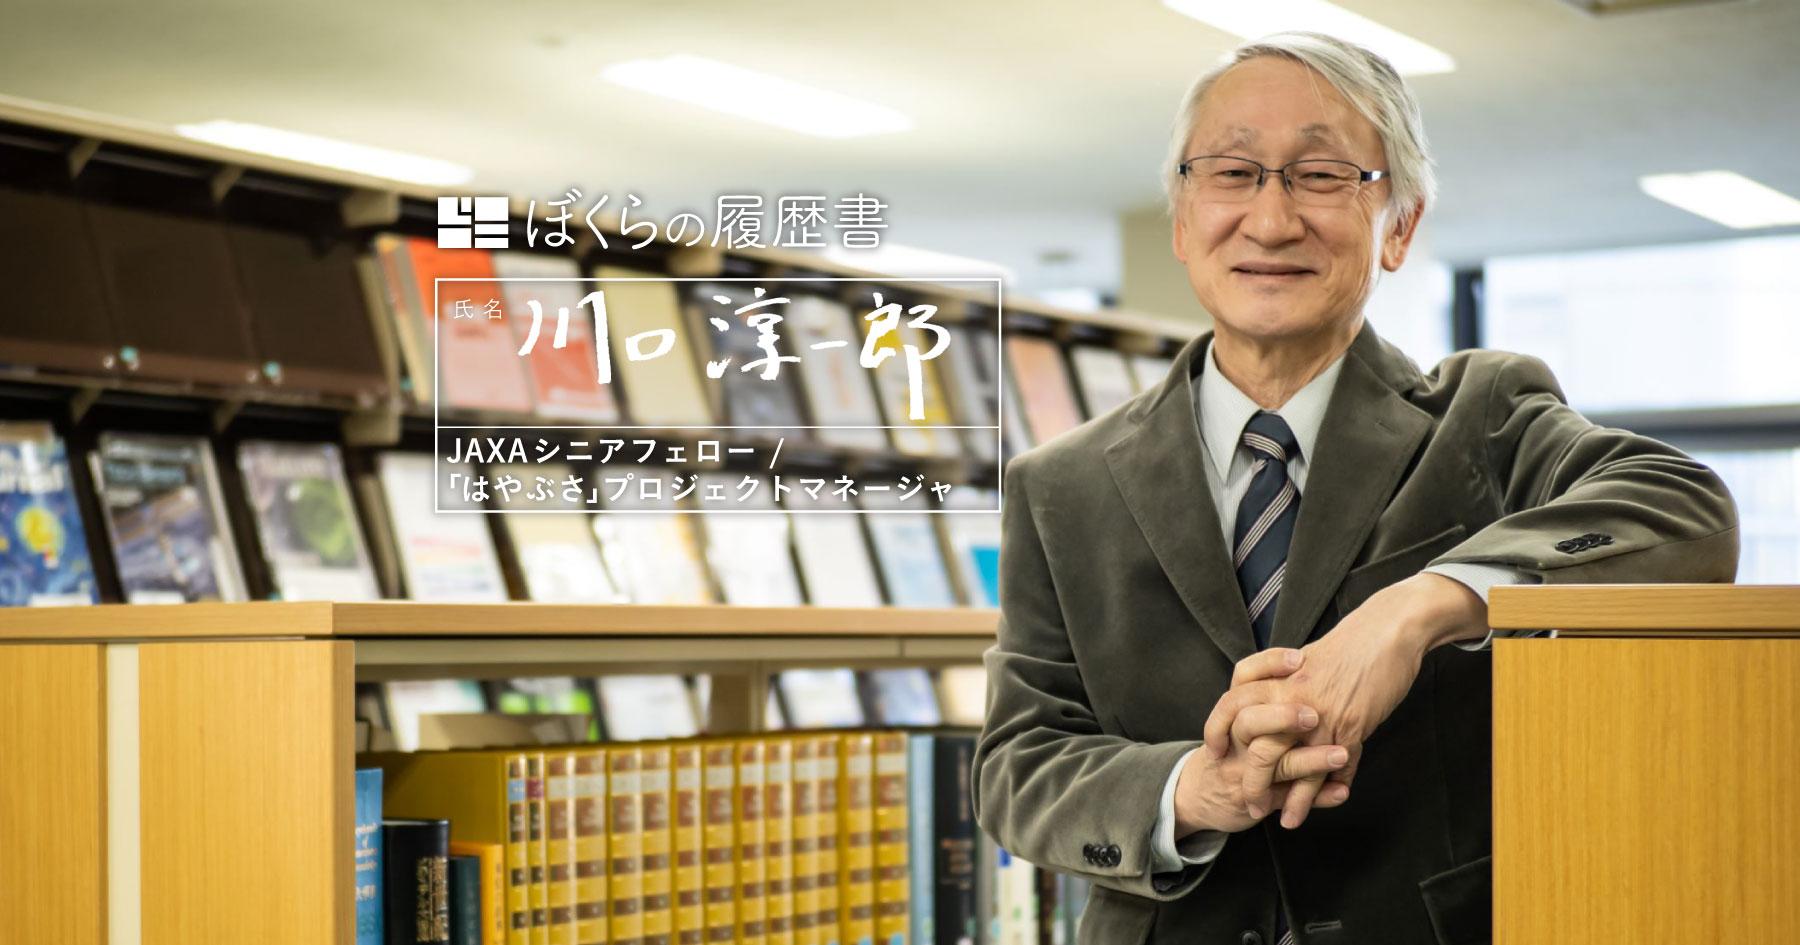 川口淳一郎さんの履歴書メインカット